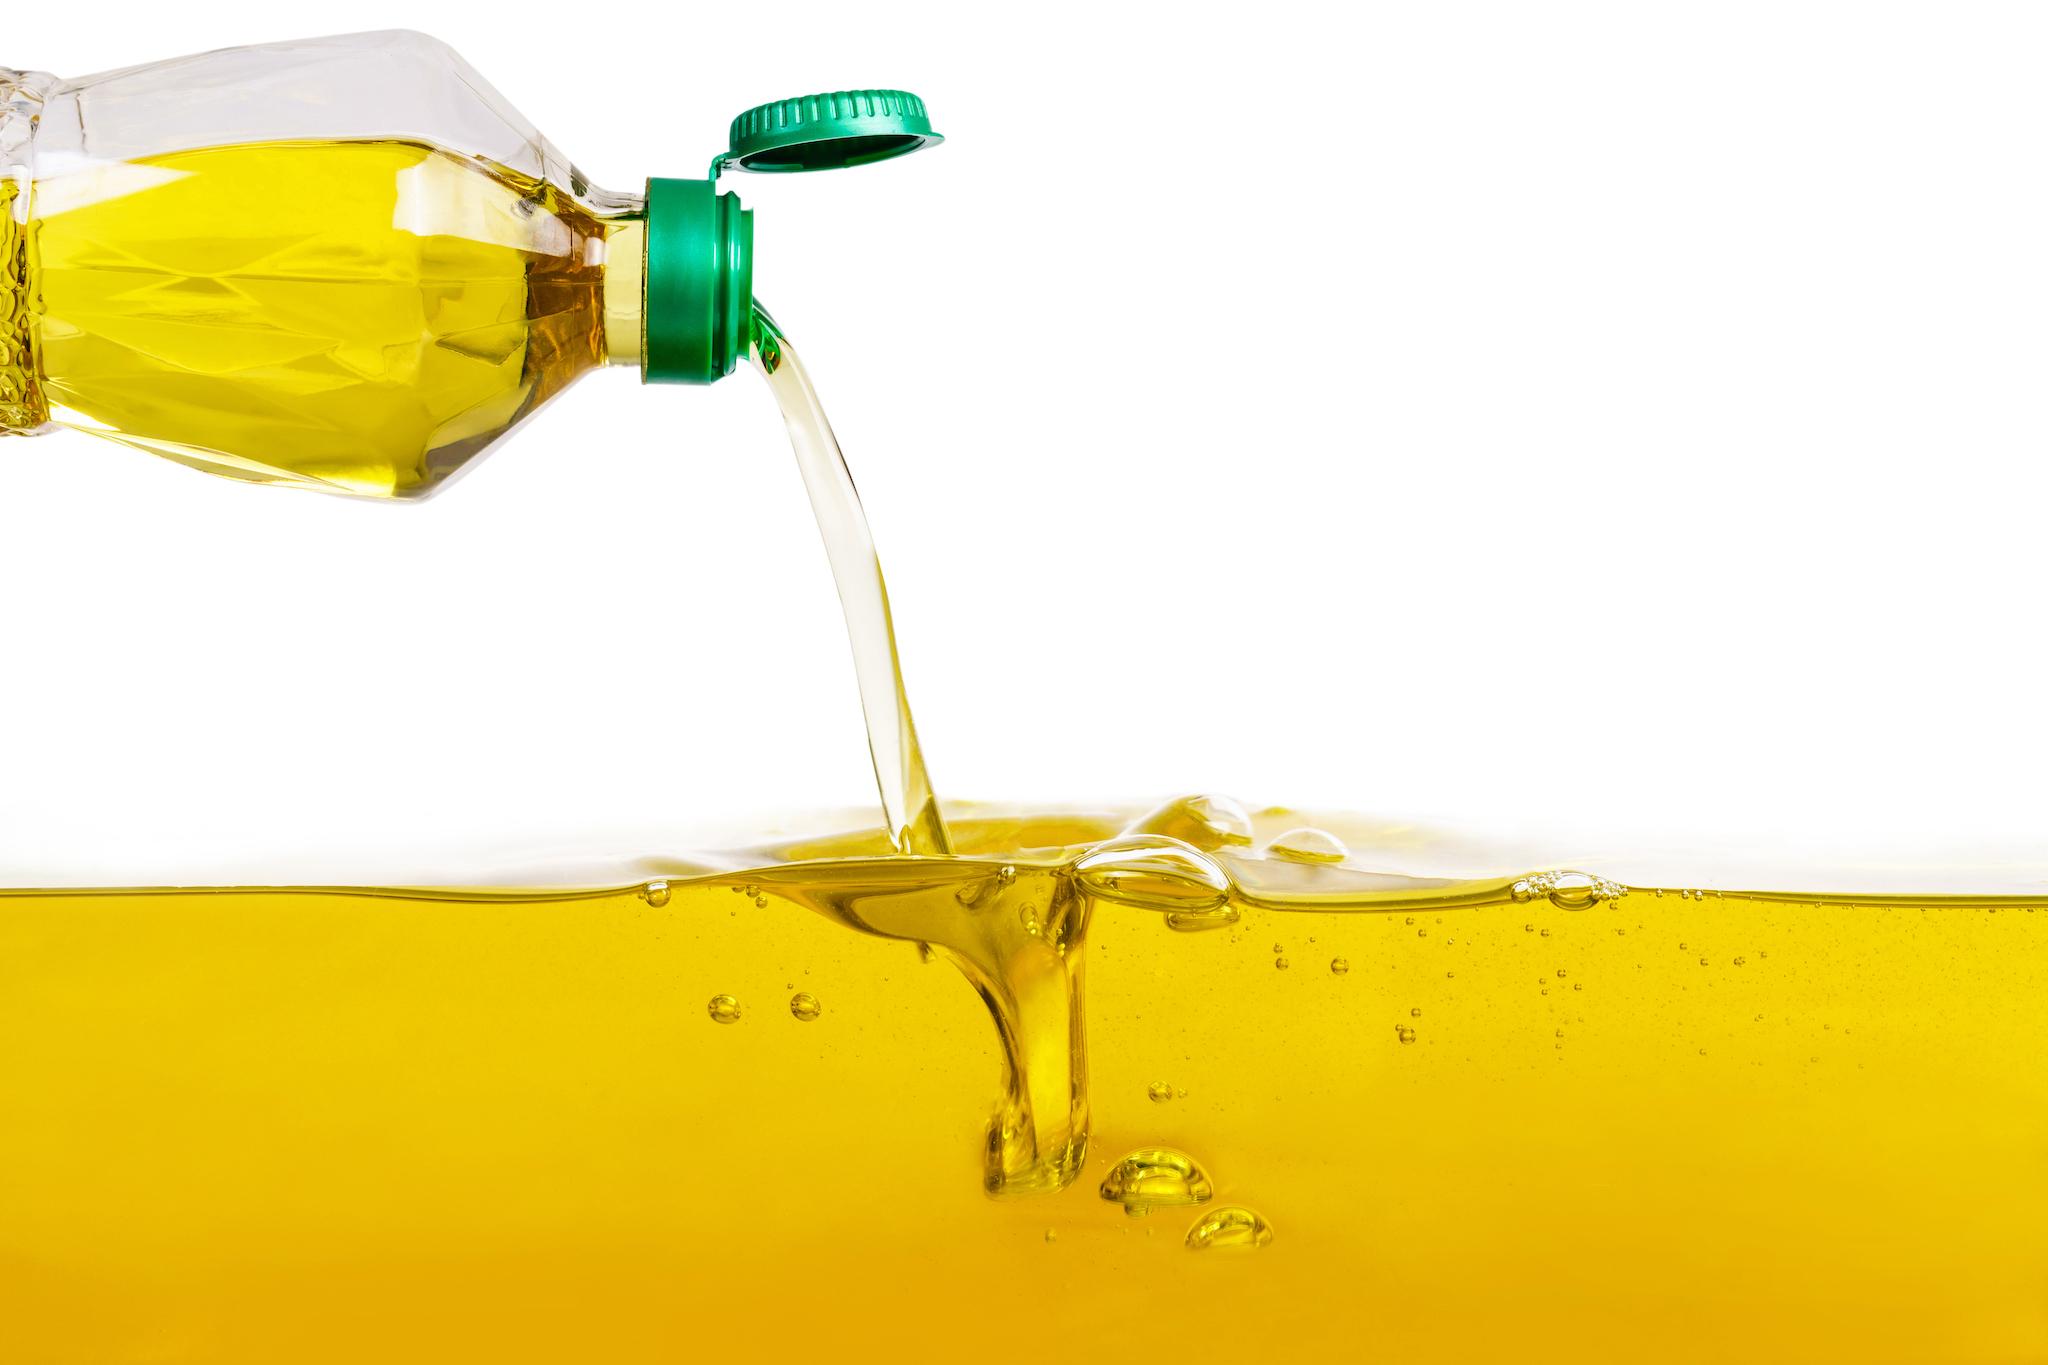 Vegetable-oil-pouring-on-vegetable-oil-background.jpg